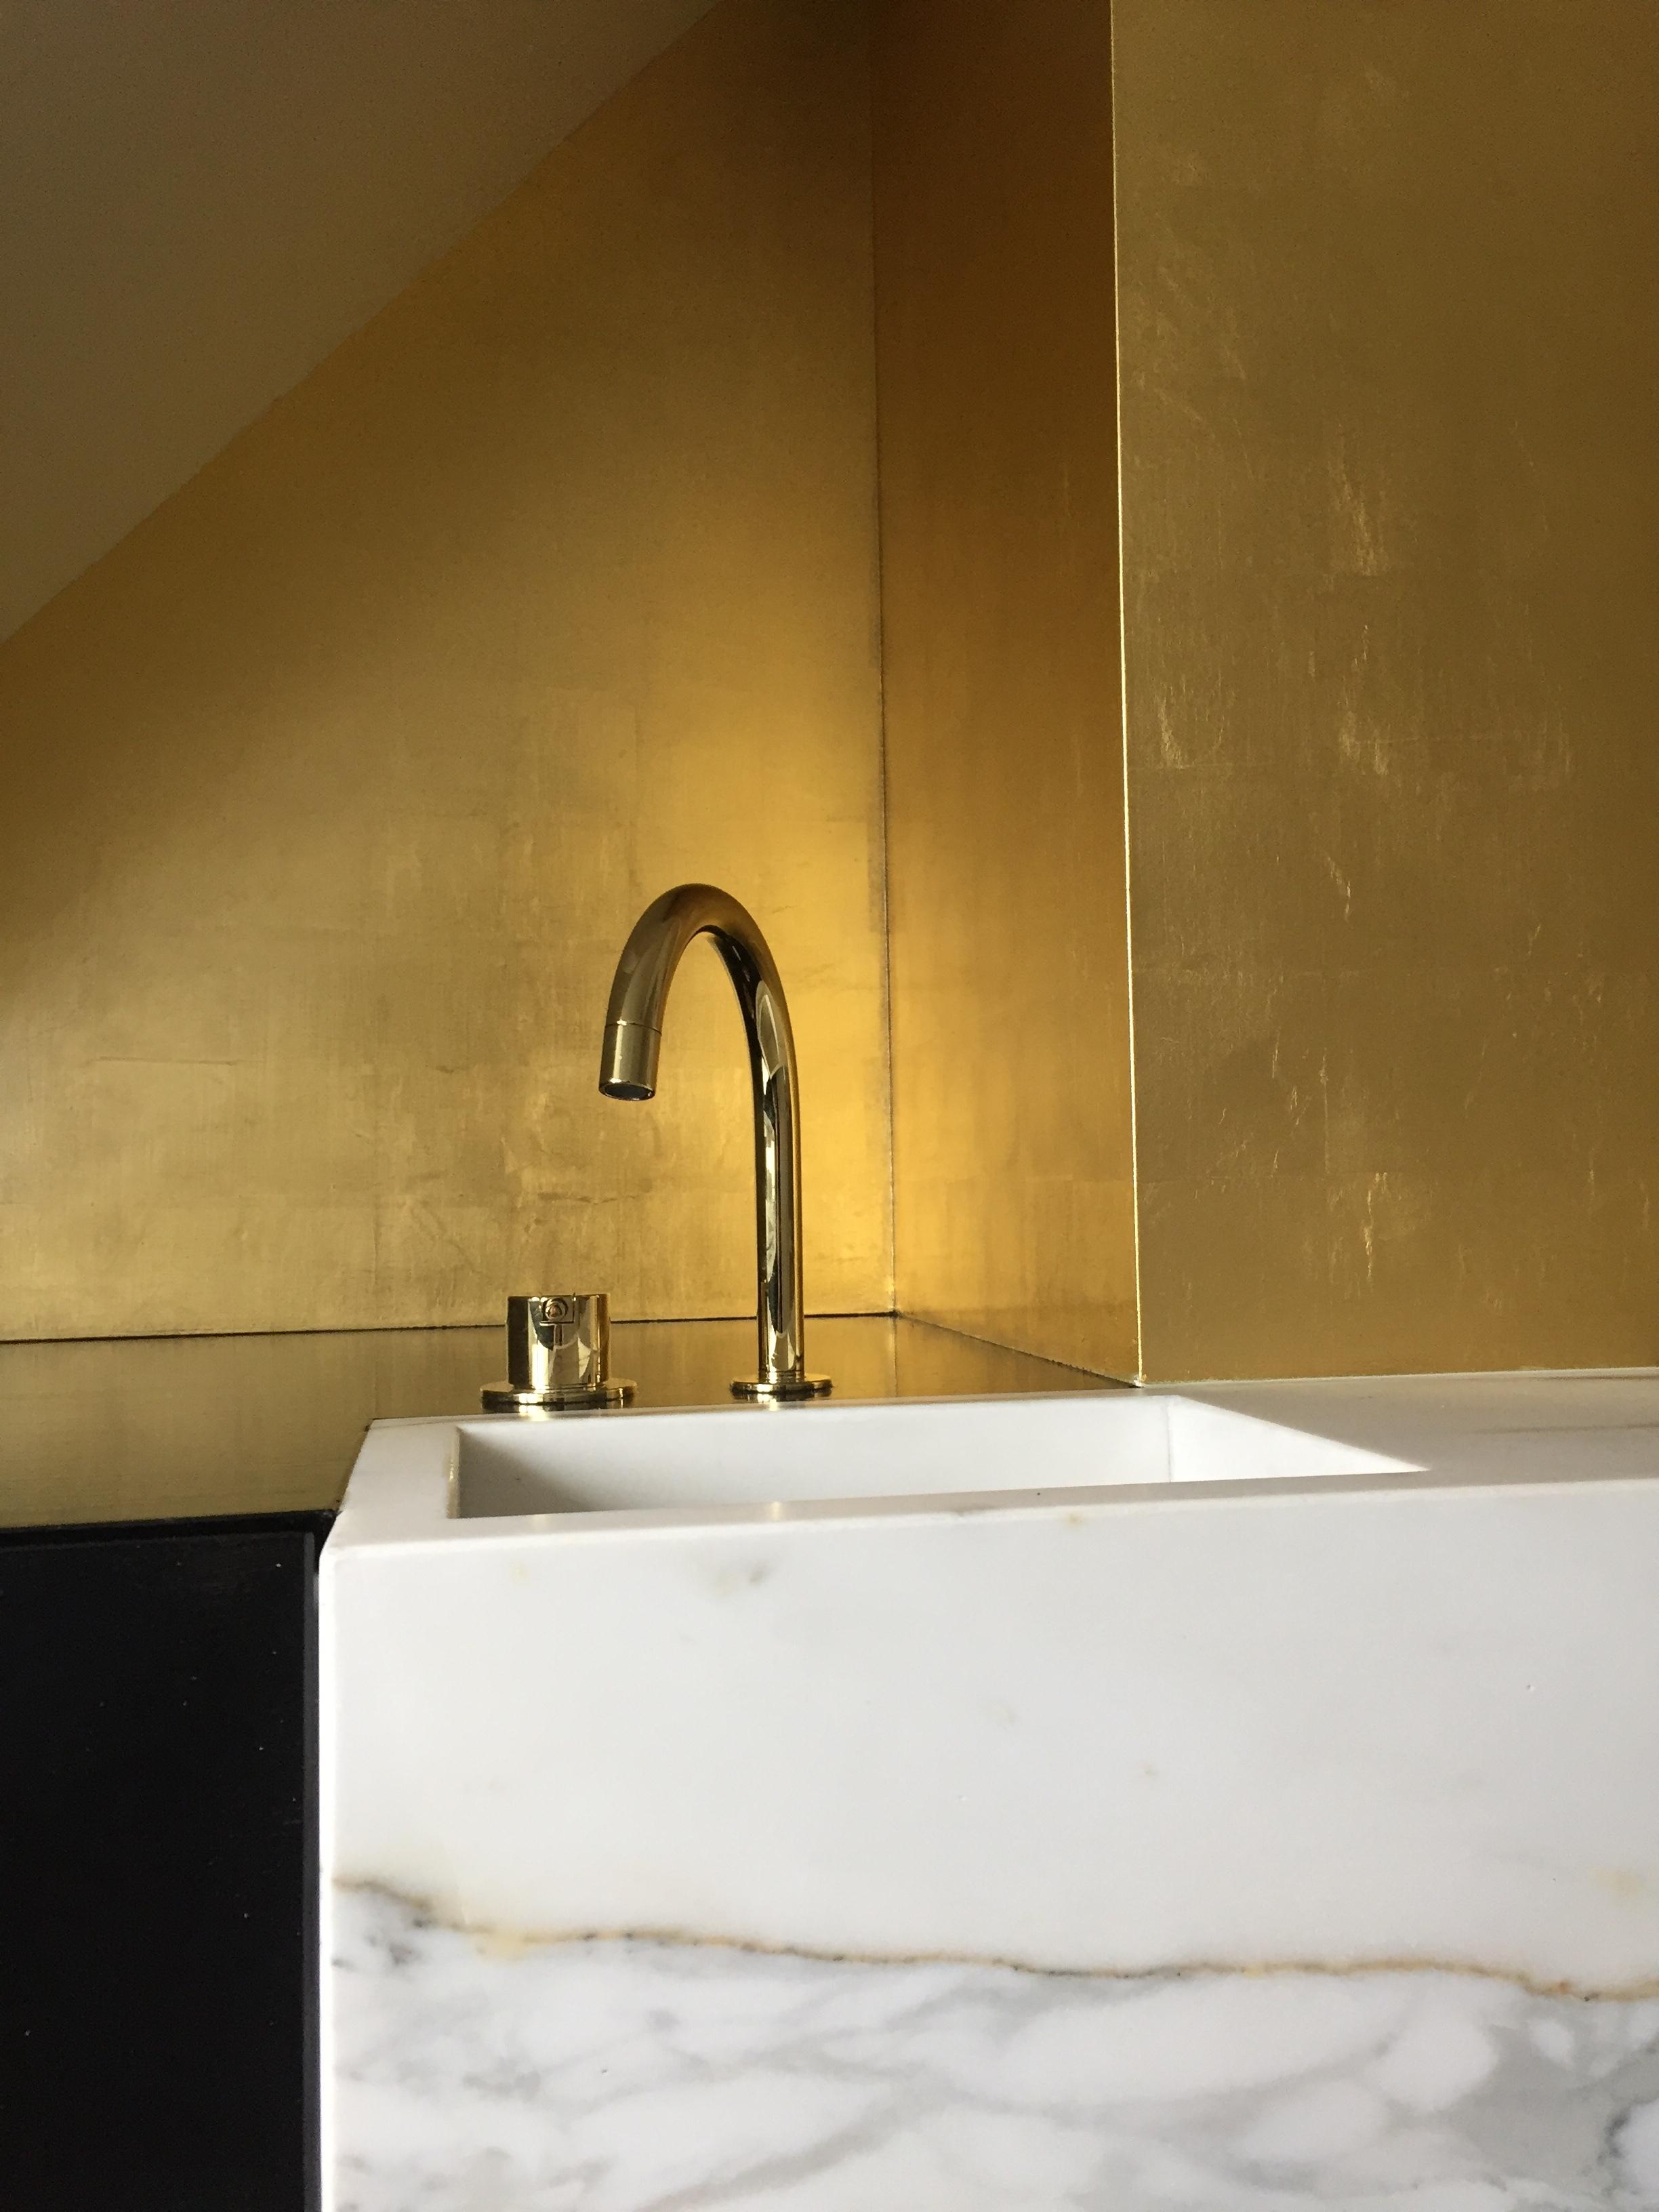 Bathroom, Waasmunster